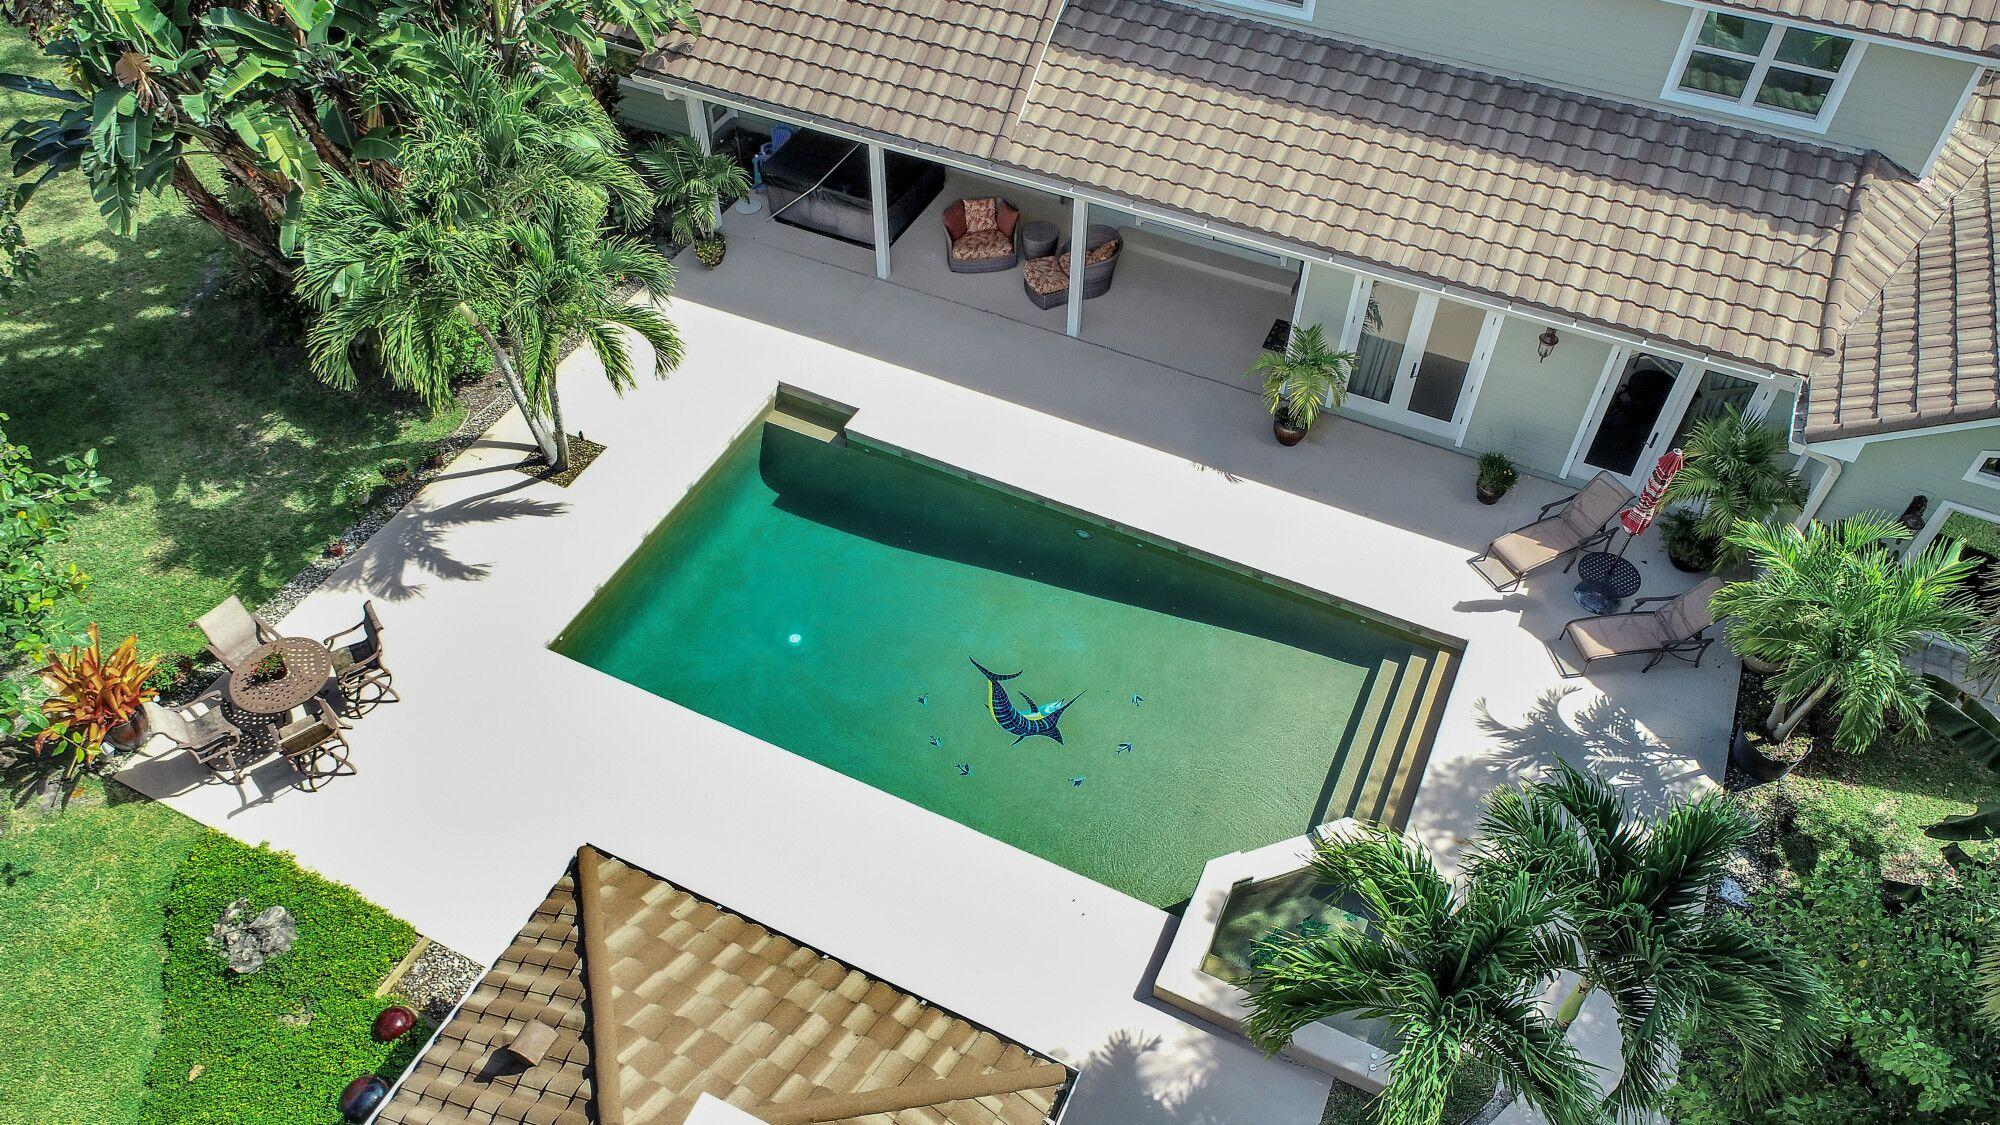 CALOOSA PALM BEACH GARDENS FLORIDA